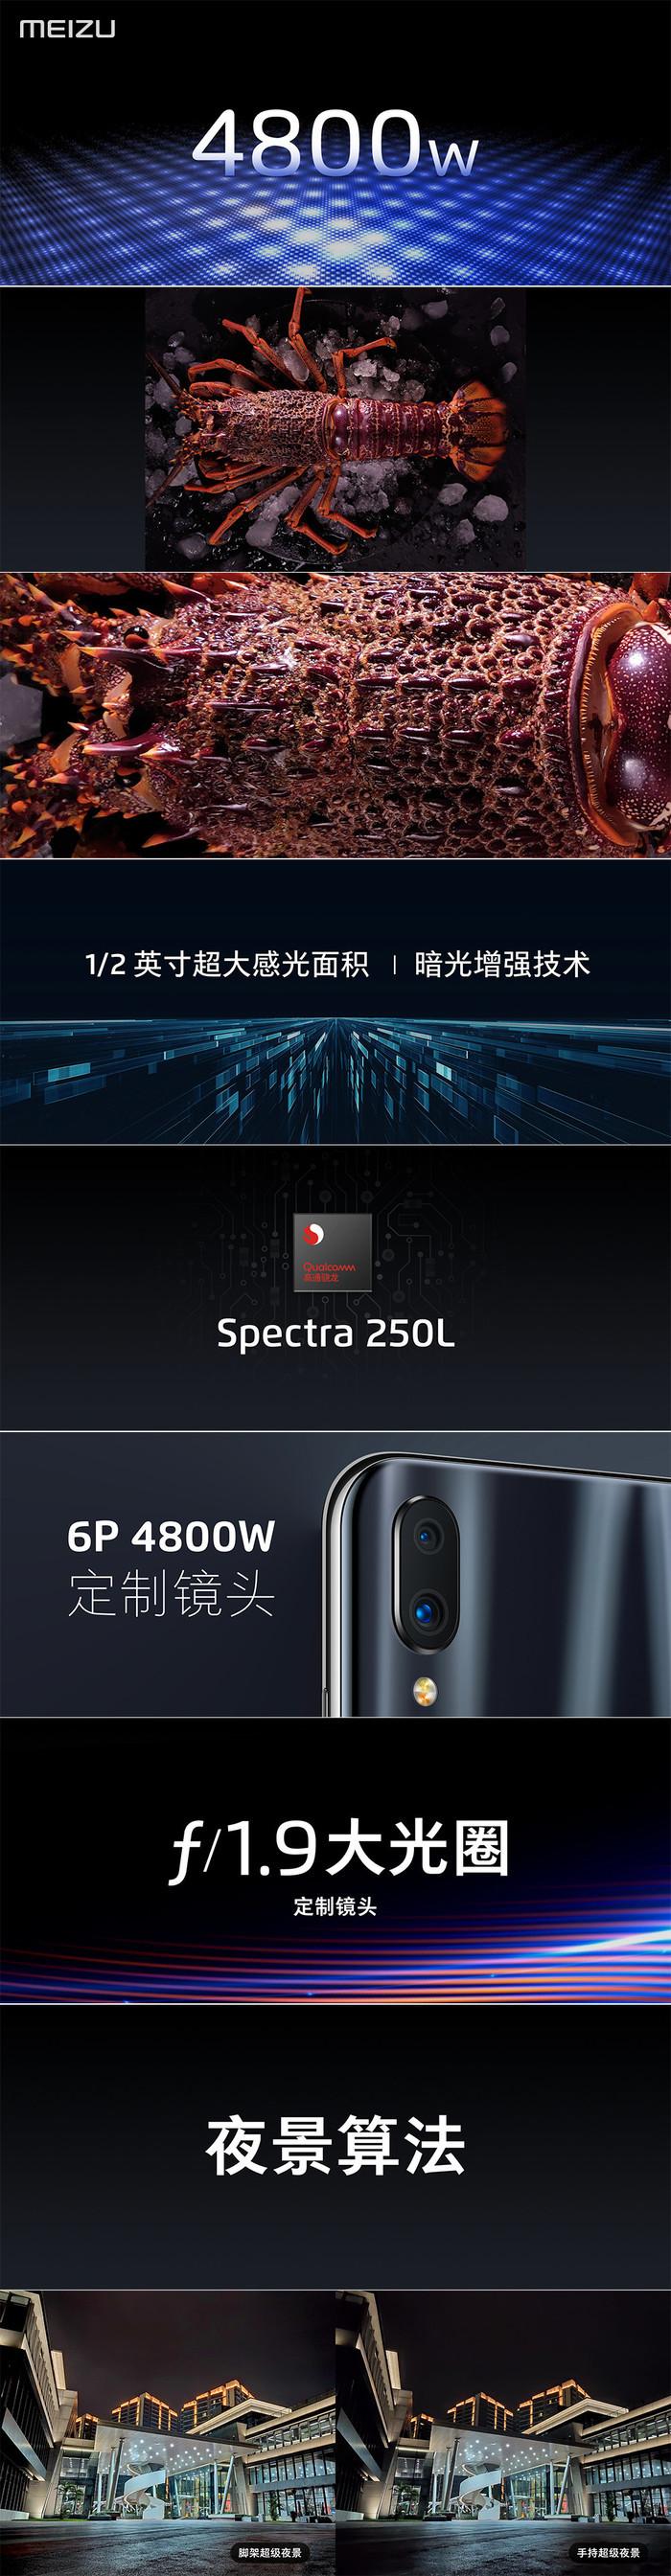 魅族Note9发布:800万元定制水滴屏 售价1398元起的照片 - 5